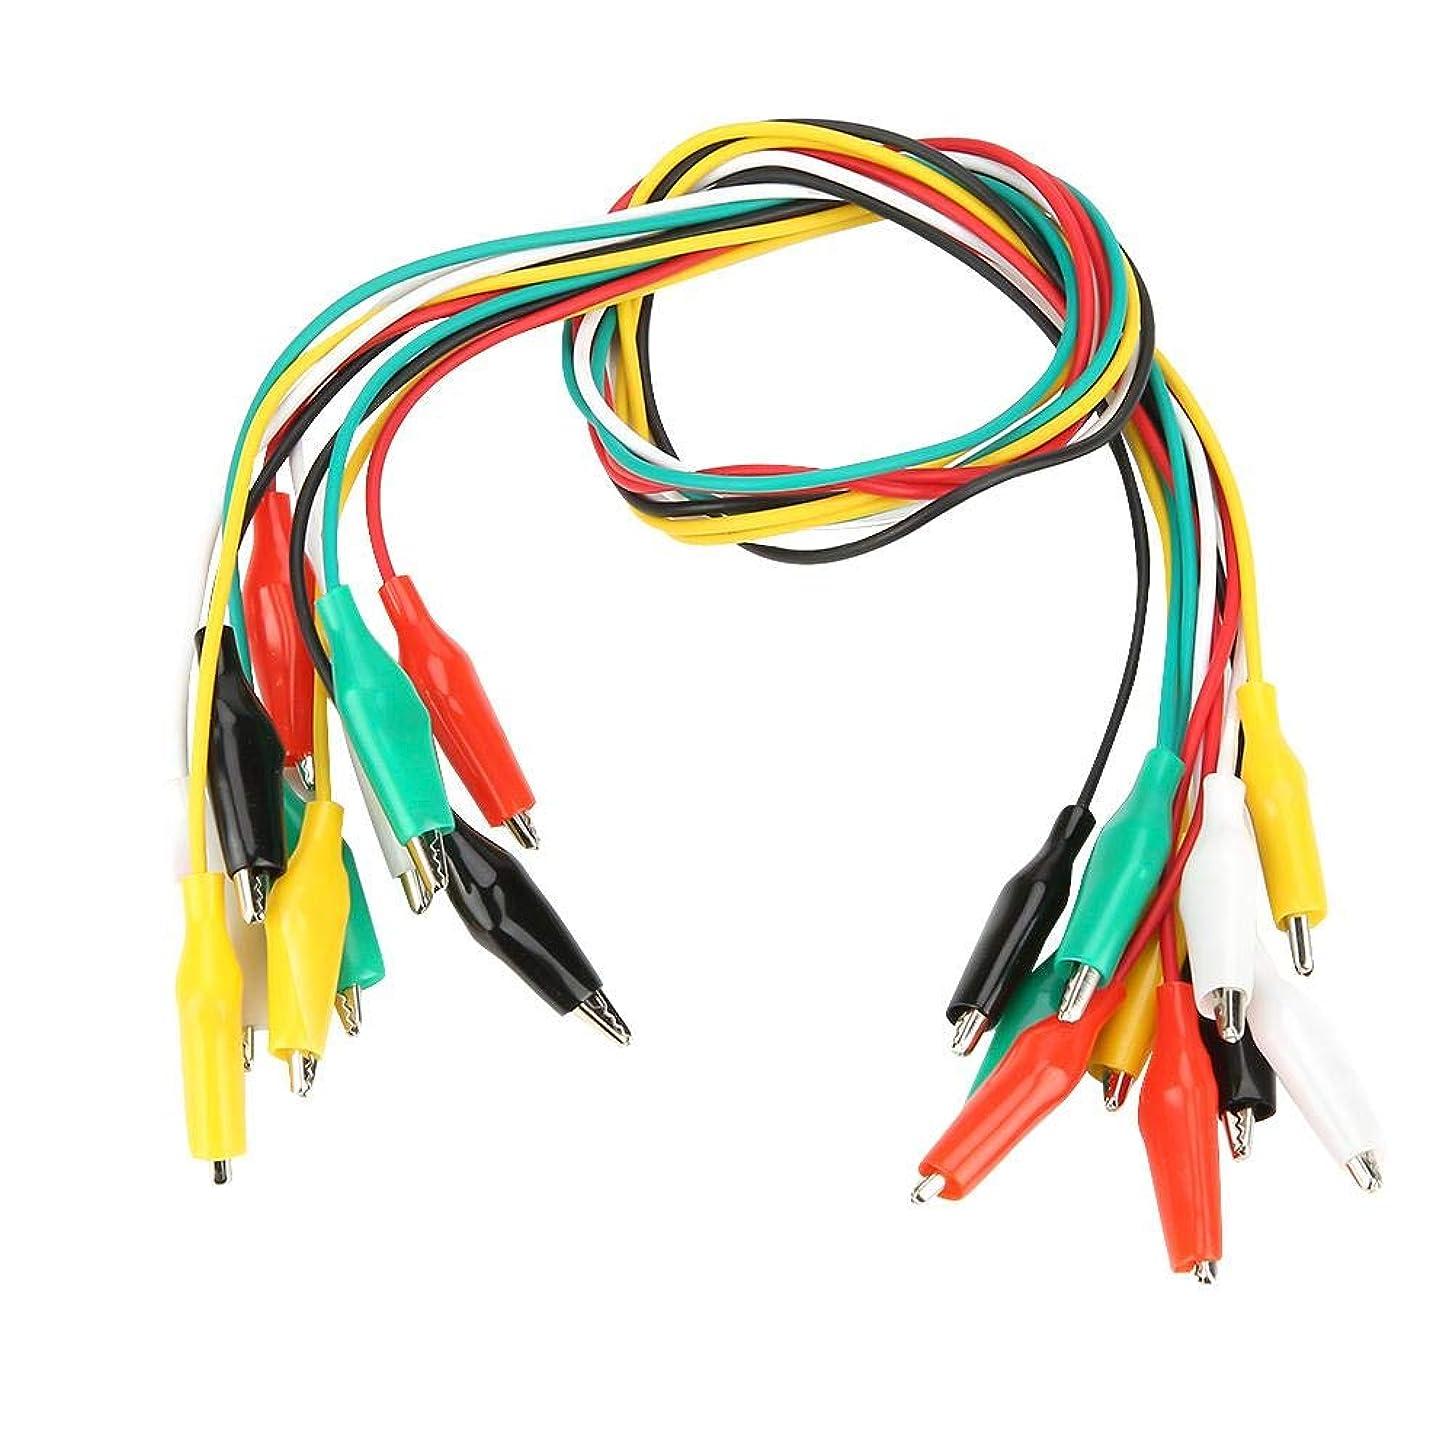 後世パテハイジャックワニ口クリップ、クロコダイルクリップ、ワニ口クリップ実験室用マルチメータ実験用の電気回路接続